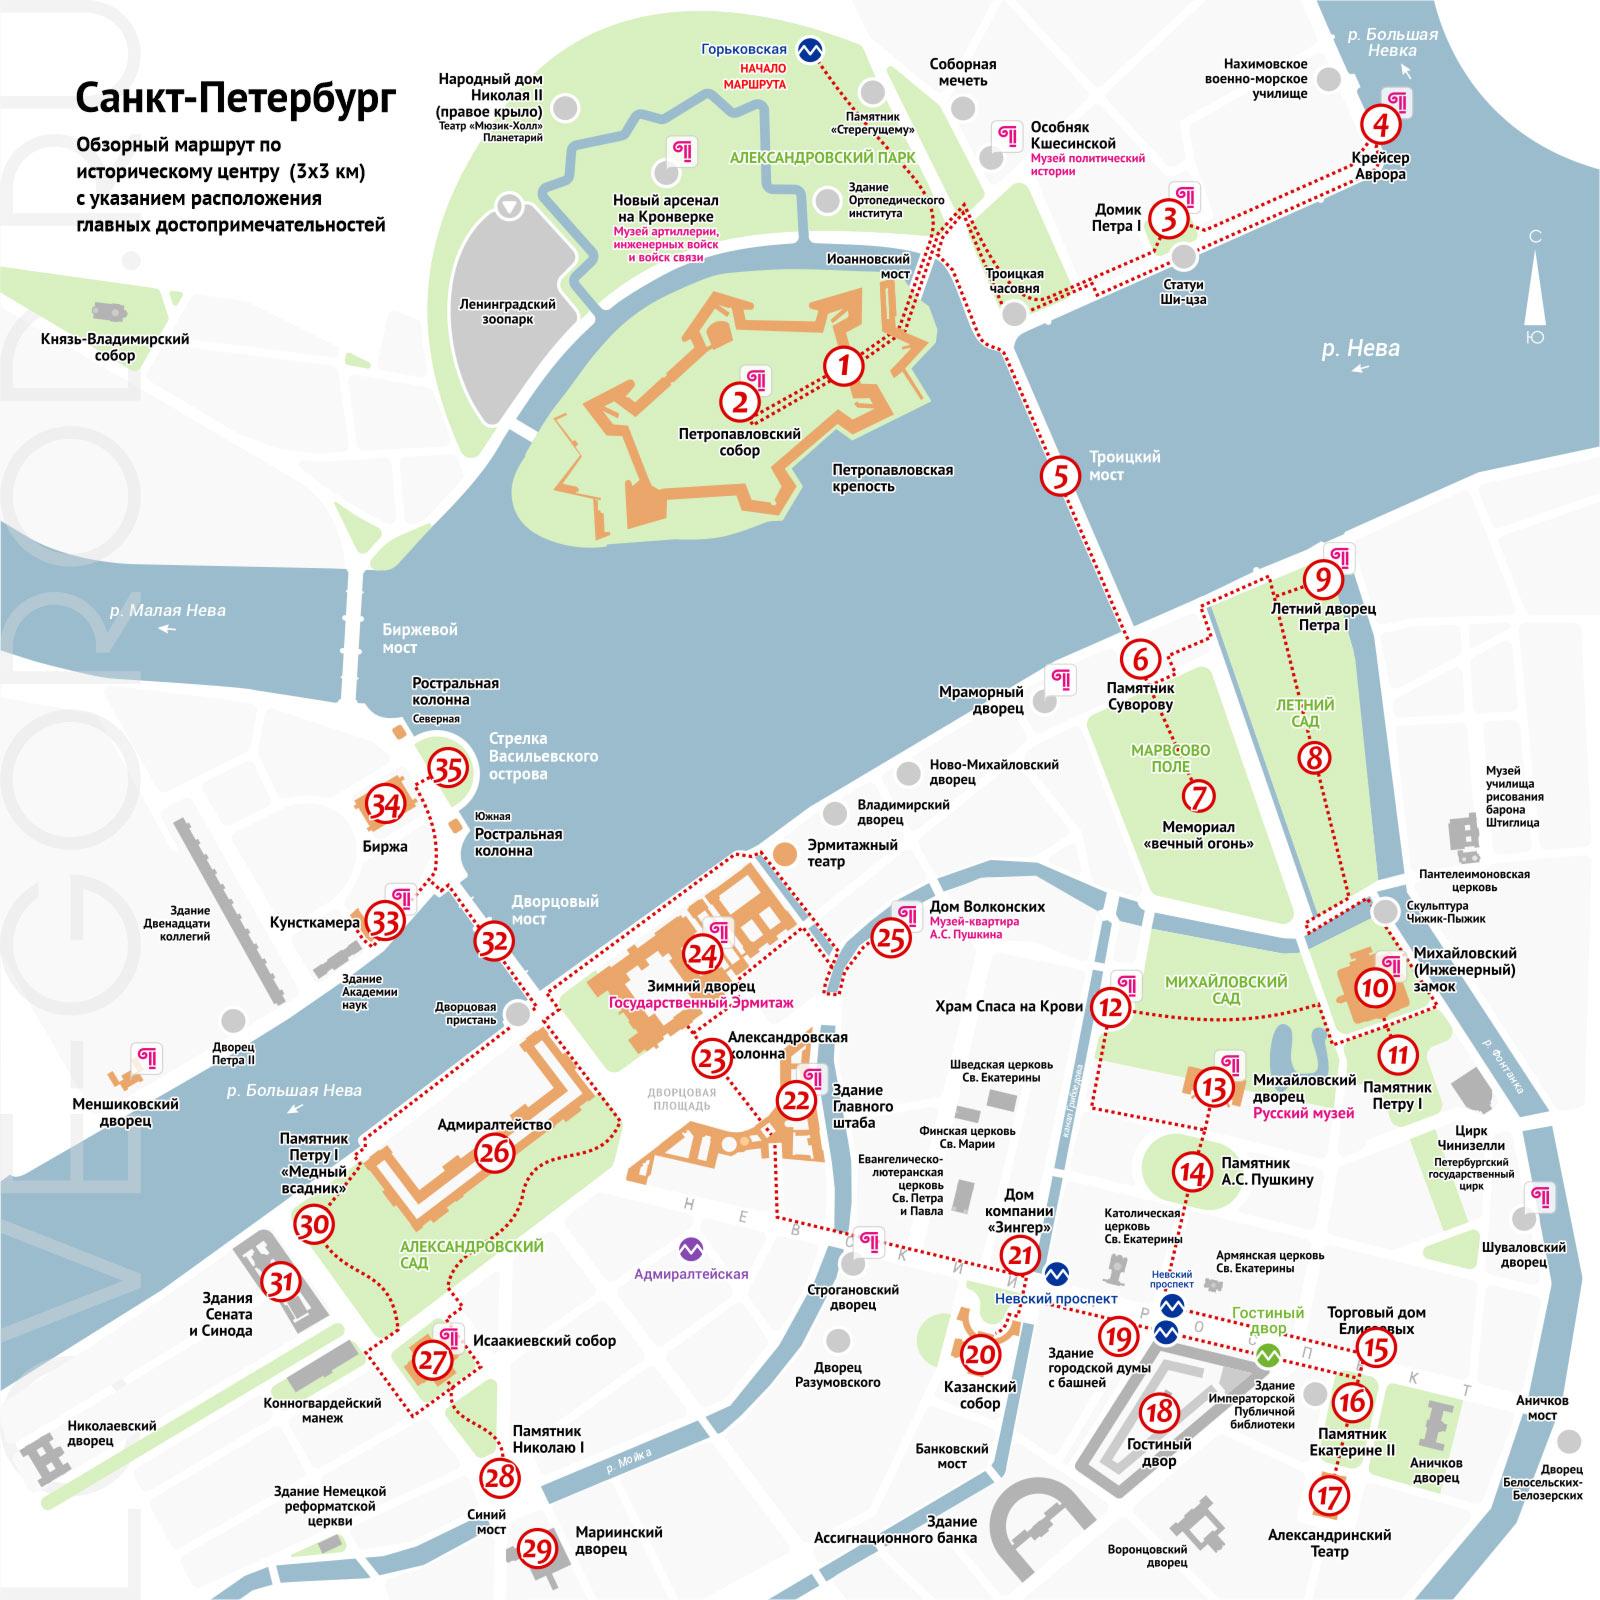 Обзорный маршрут по центру Петербурга